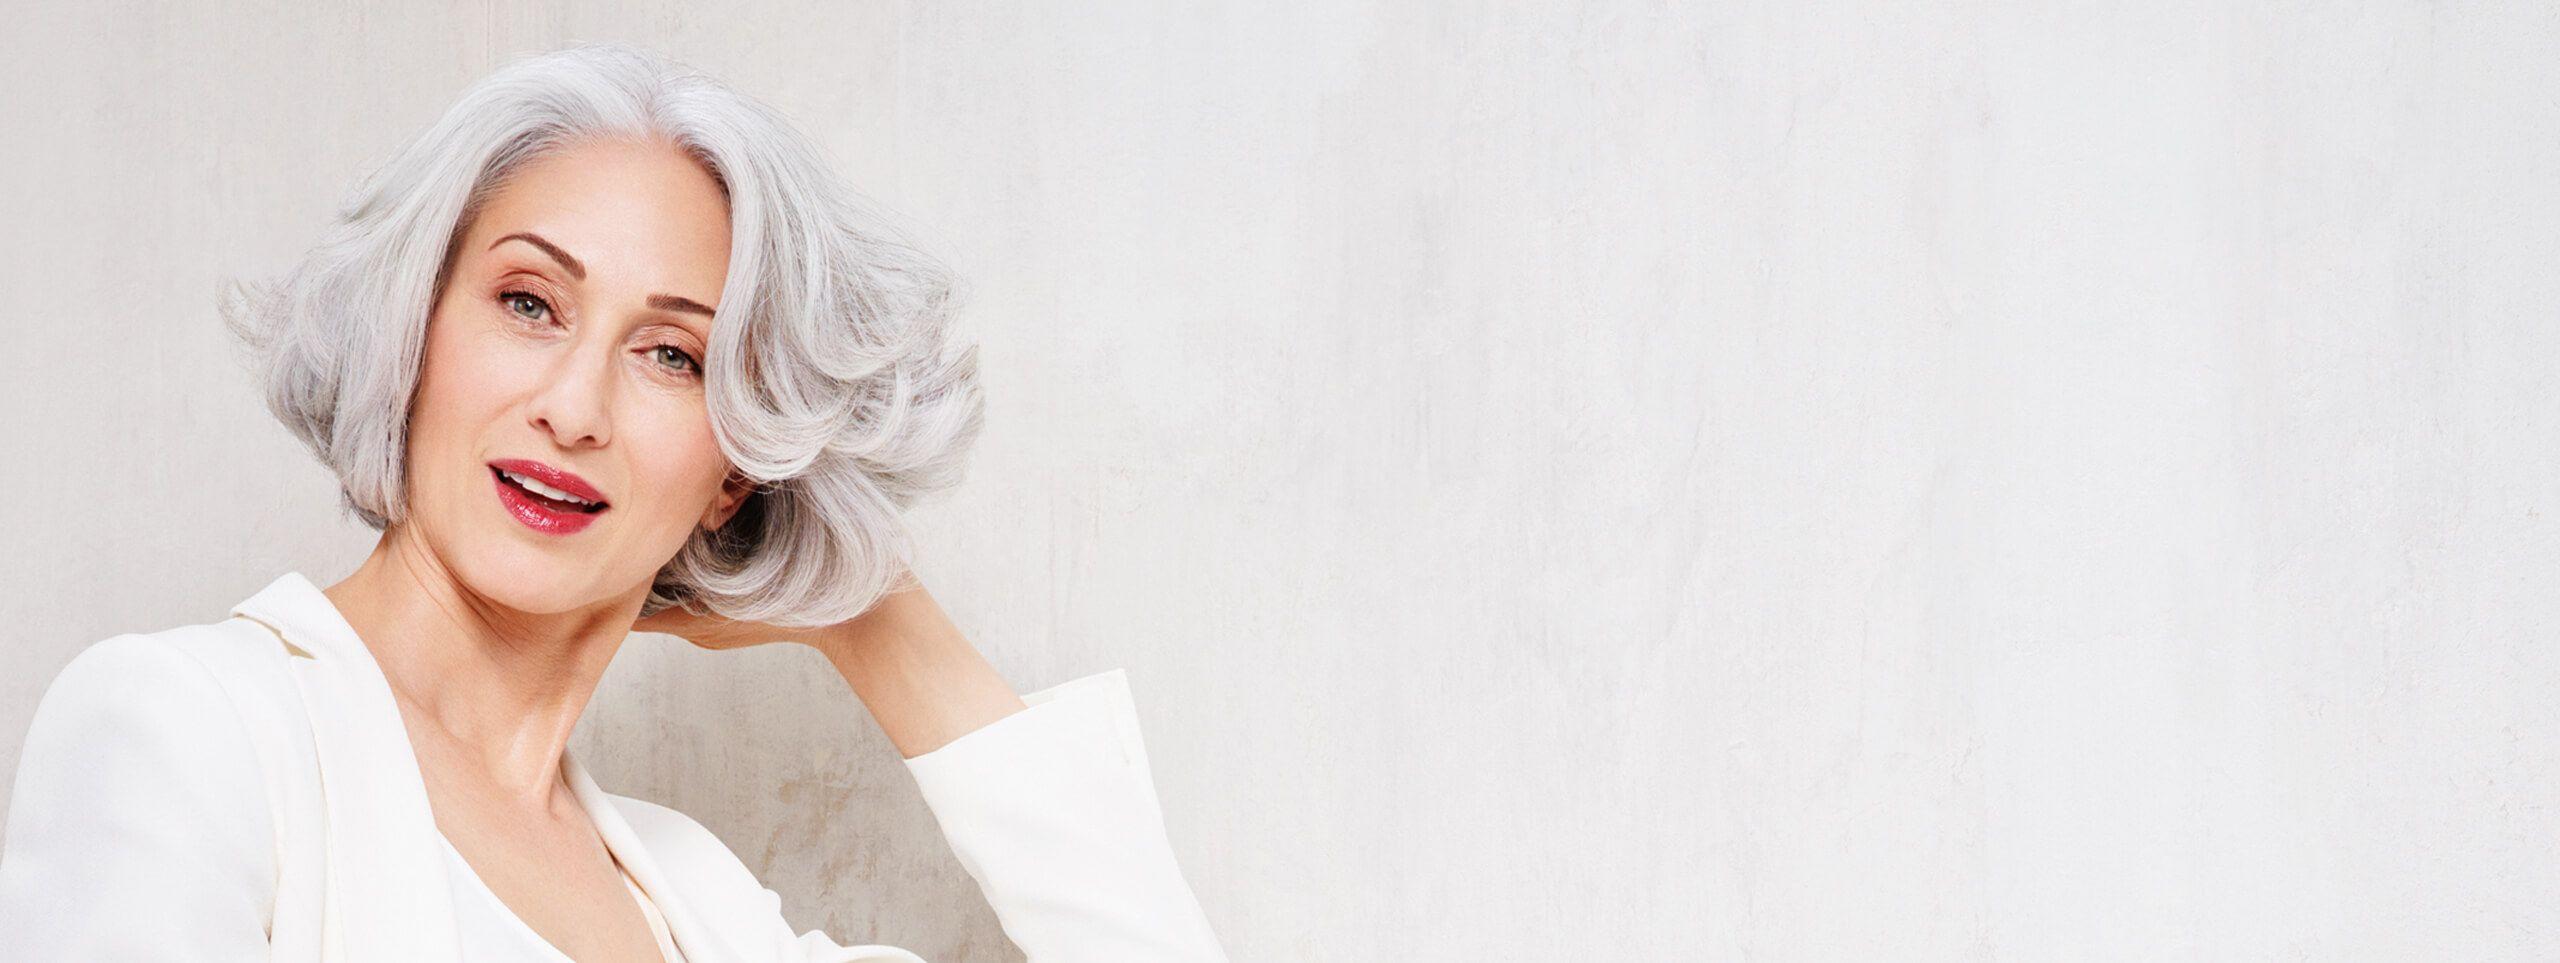 Femme cheveux blancs naturel